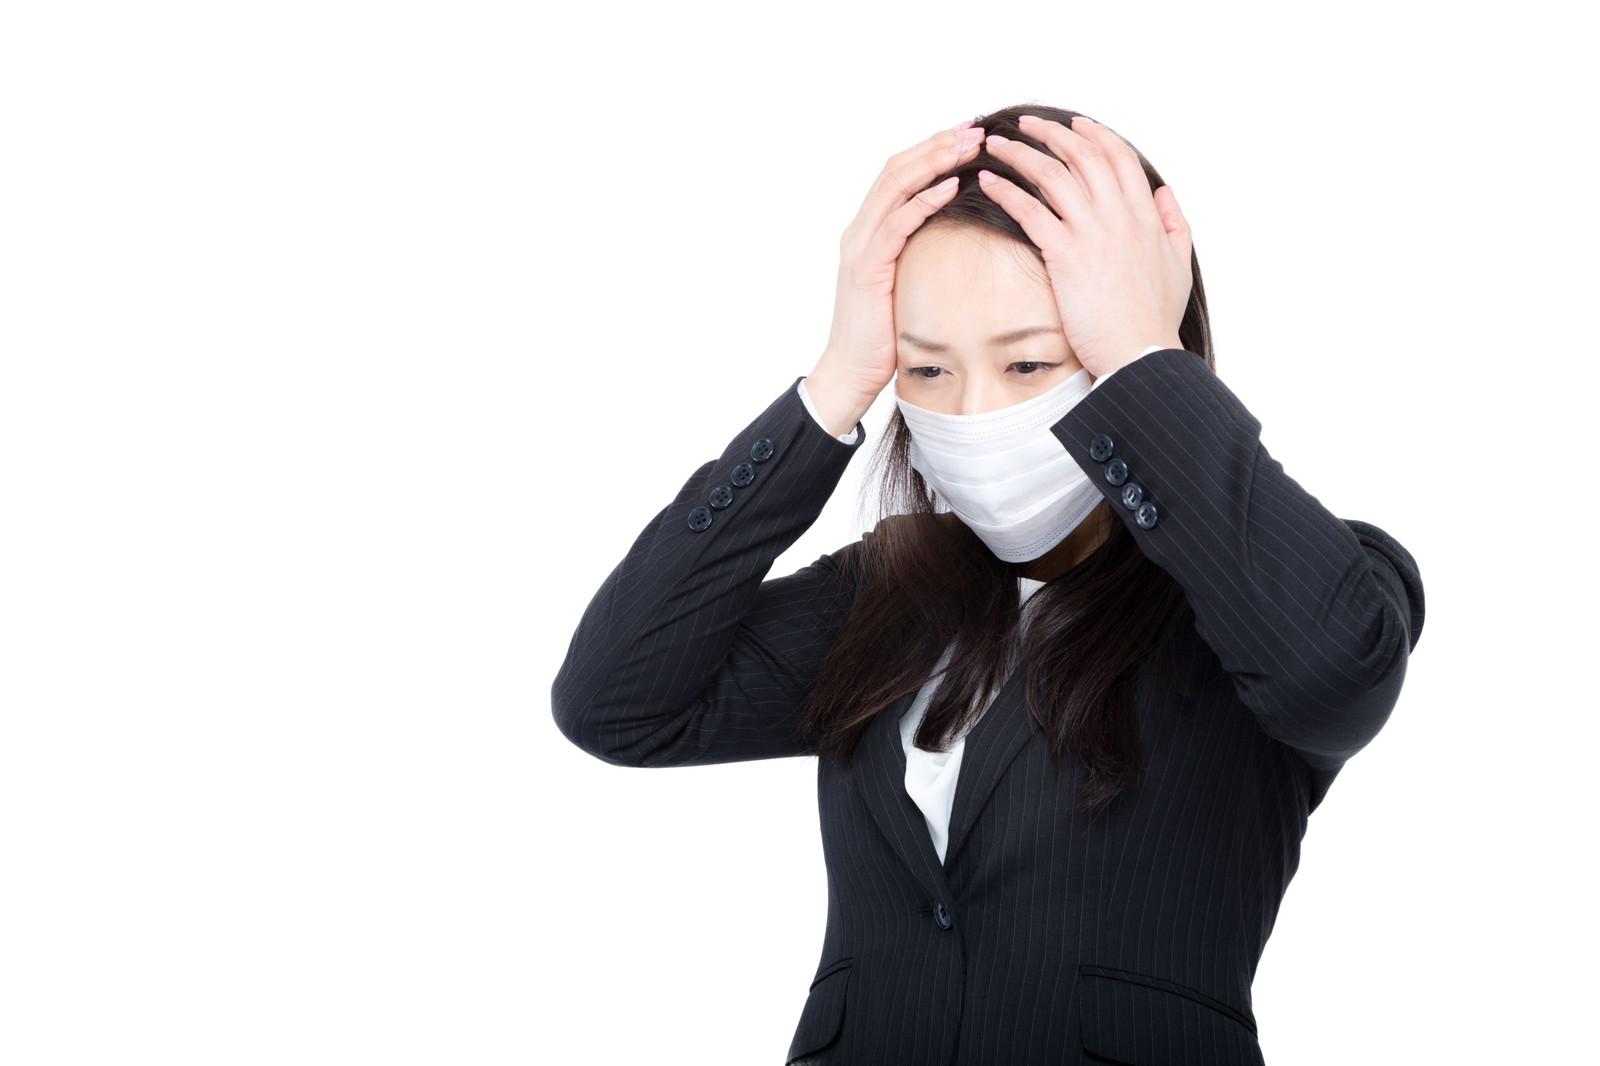 風邪を引いてる女性の写真